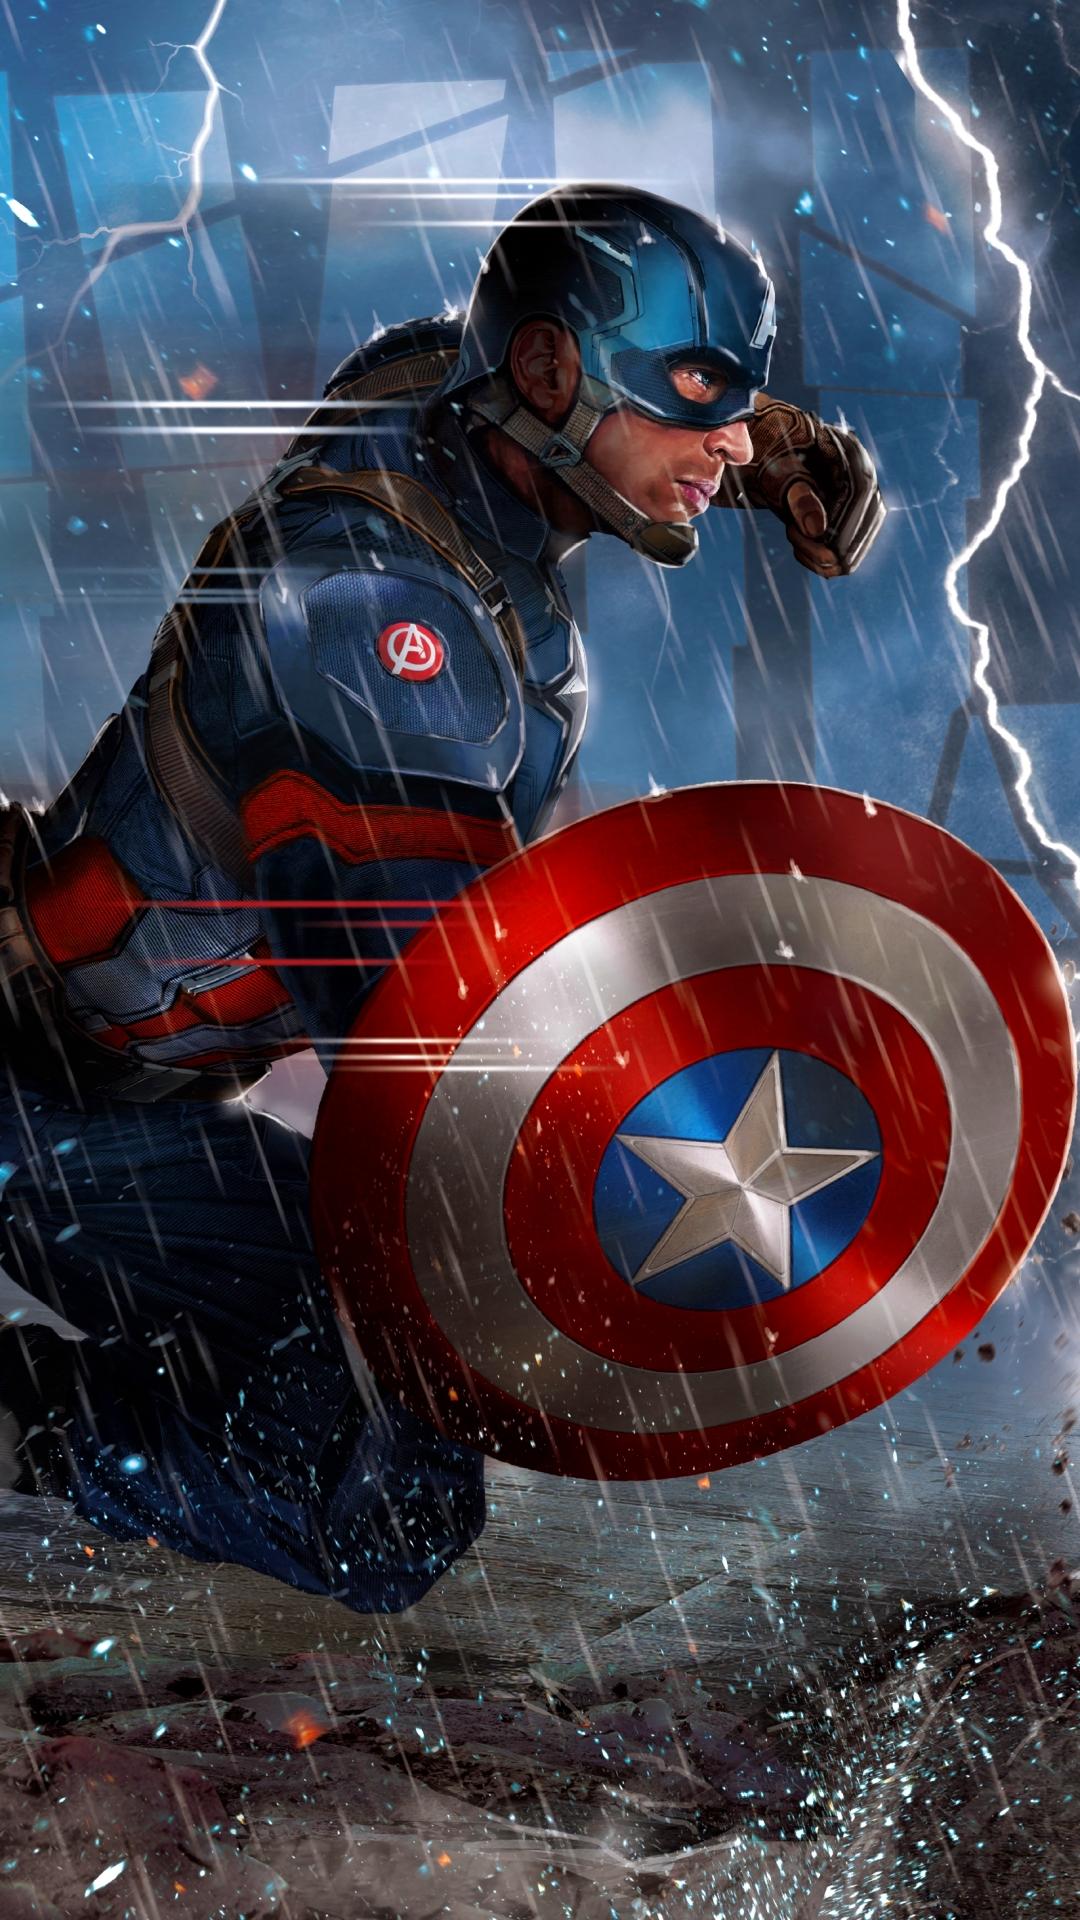 Iphone 6s Fish Wallpaper Download Captain America Iphone Wallpapers Pixelstalk Net